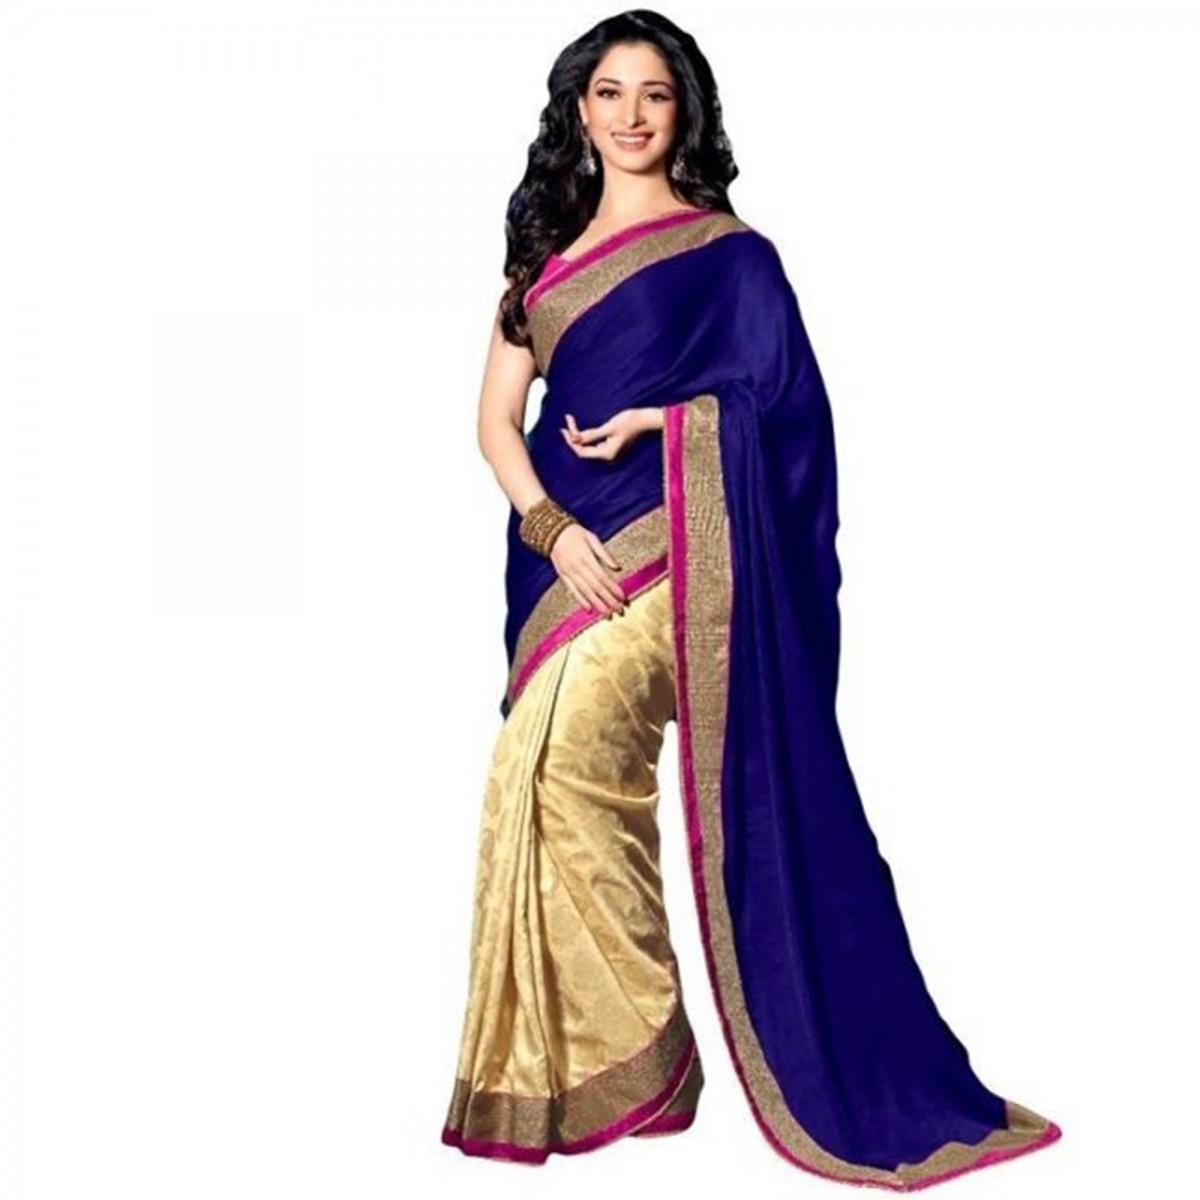 Tamanna bhatia blue saree pictures